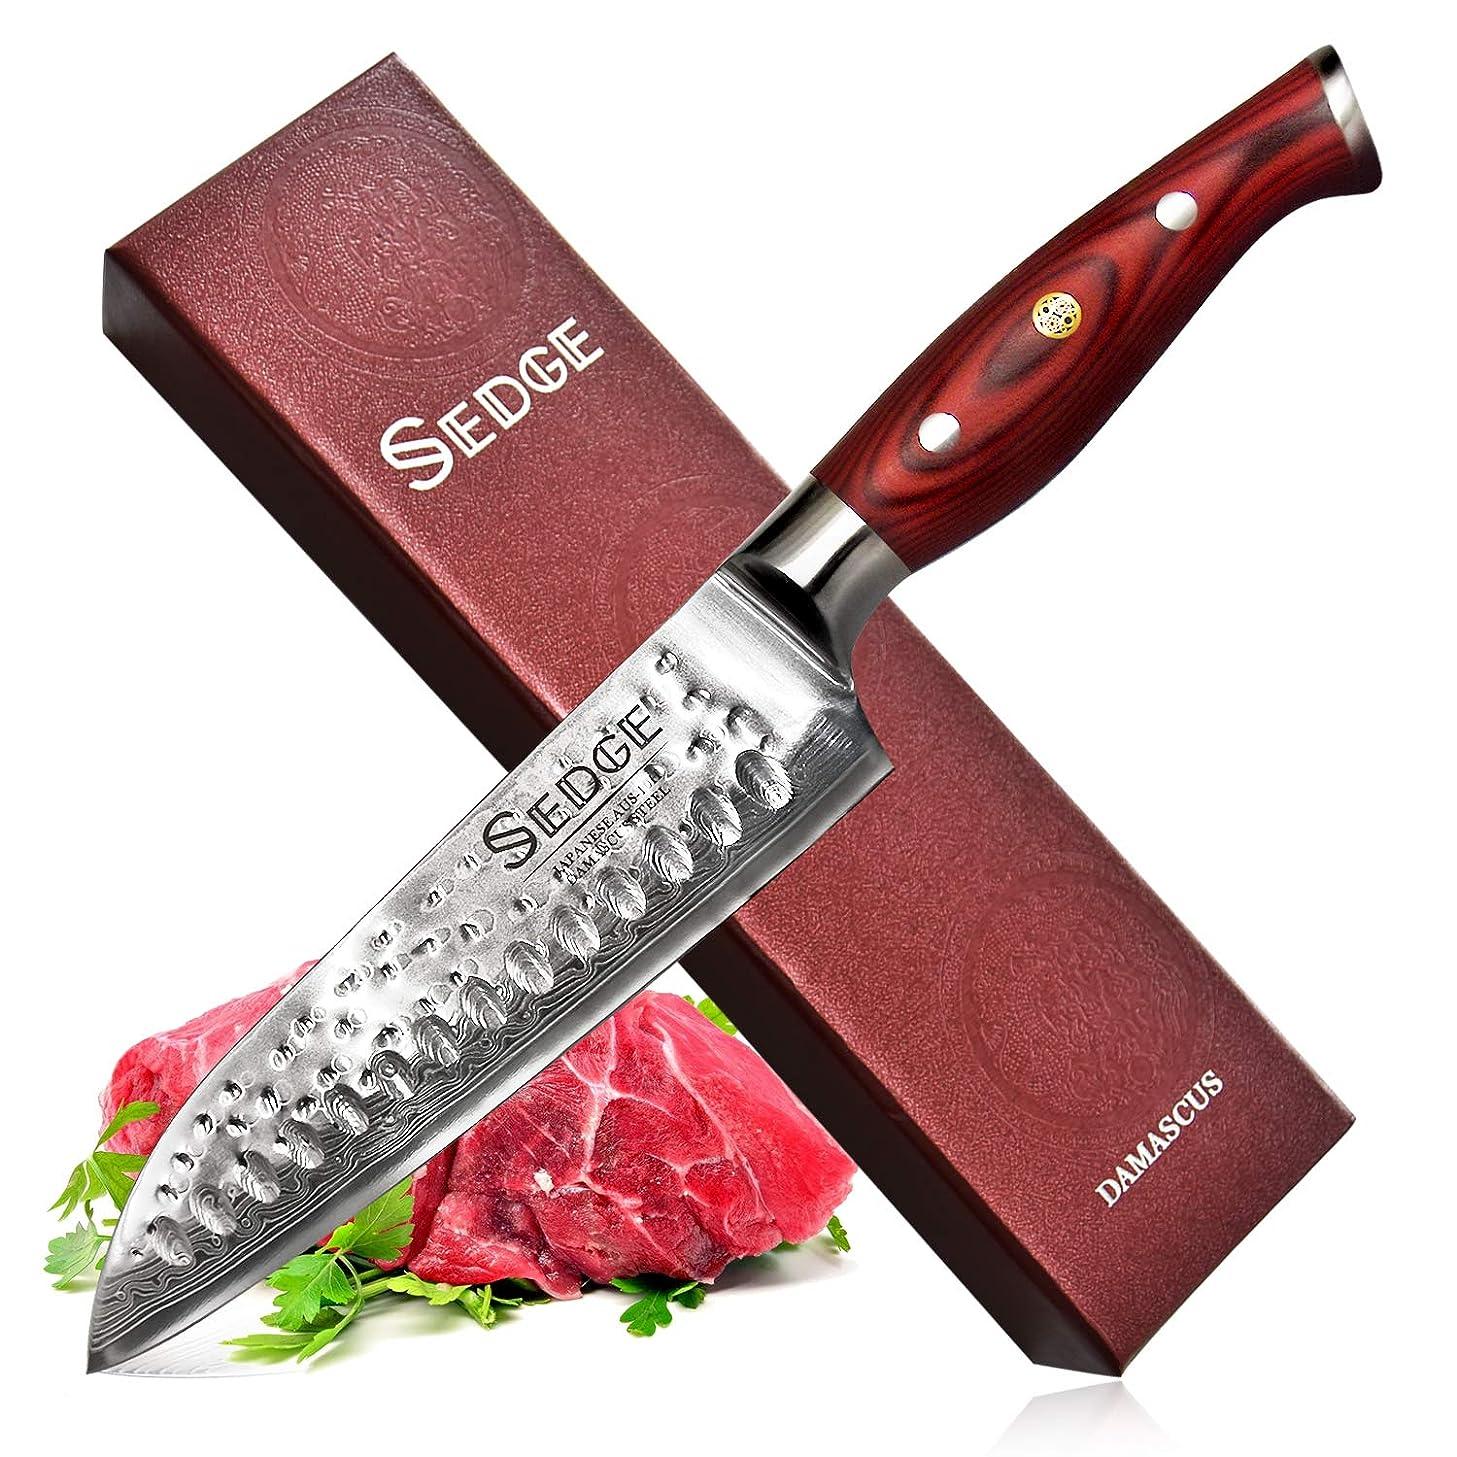 SEDGE Santoku Knife 7